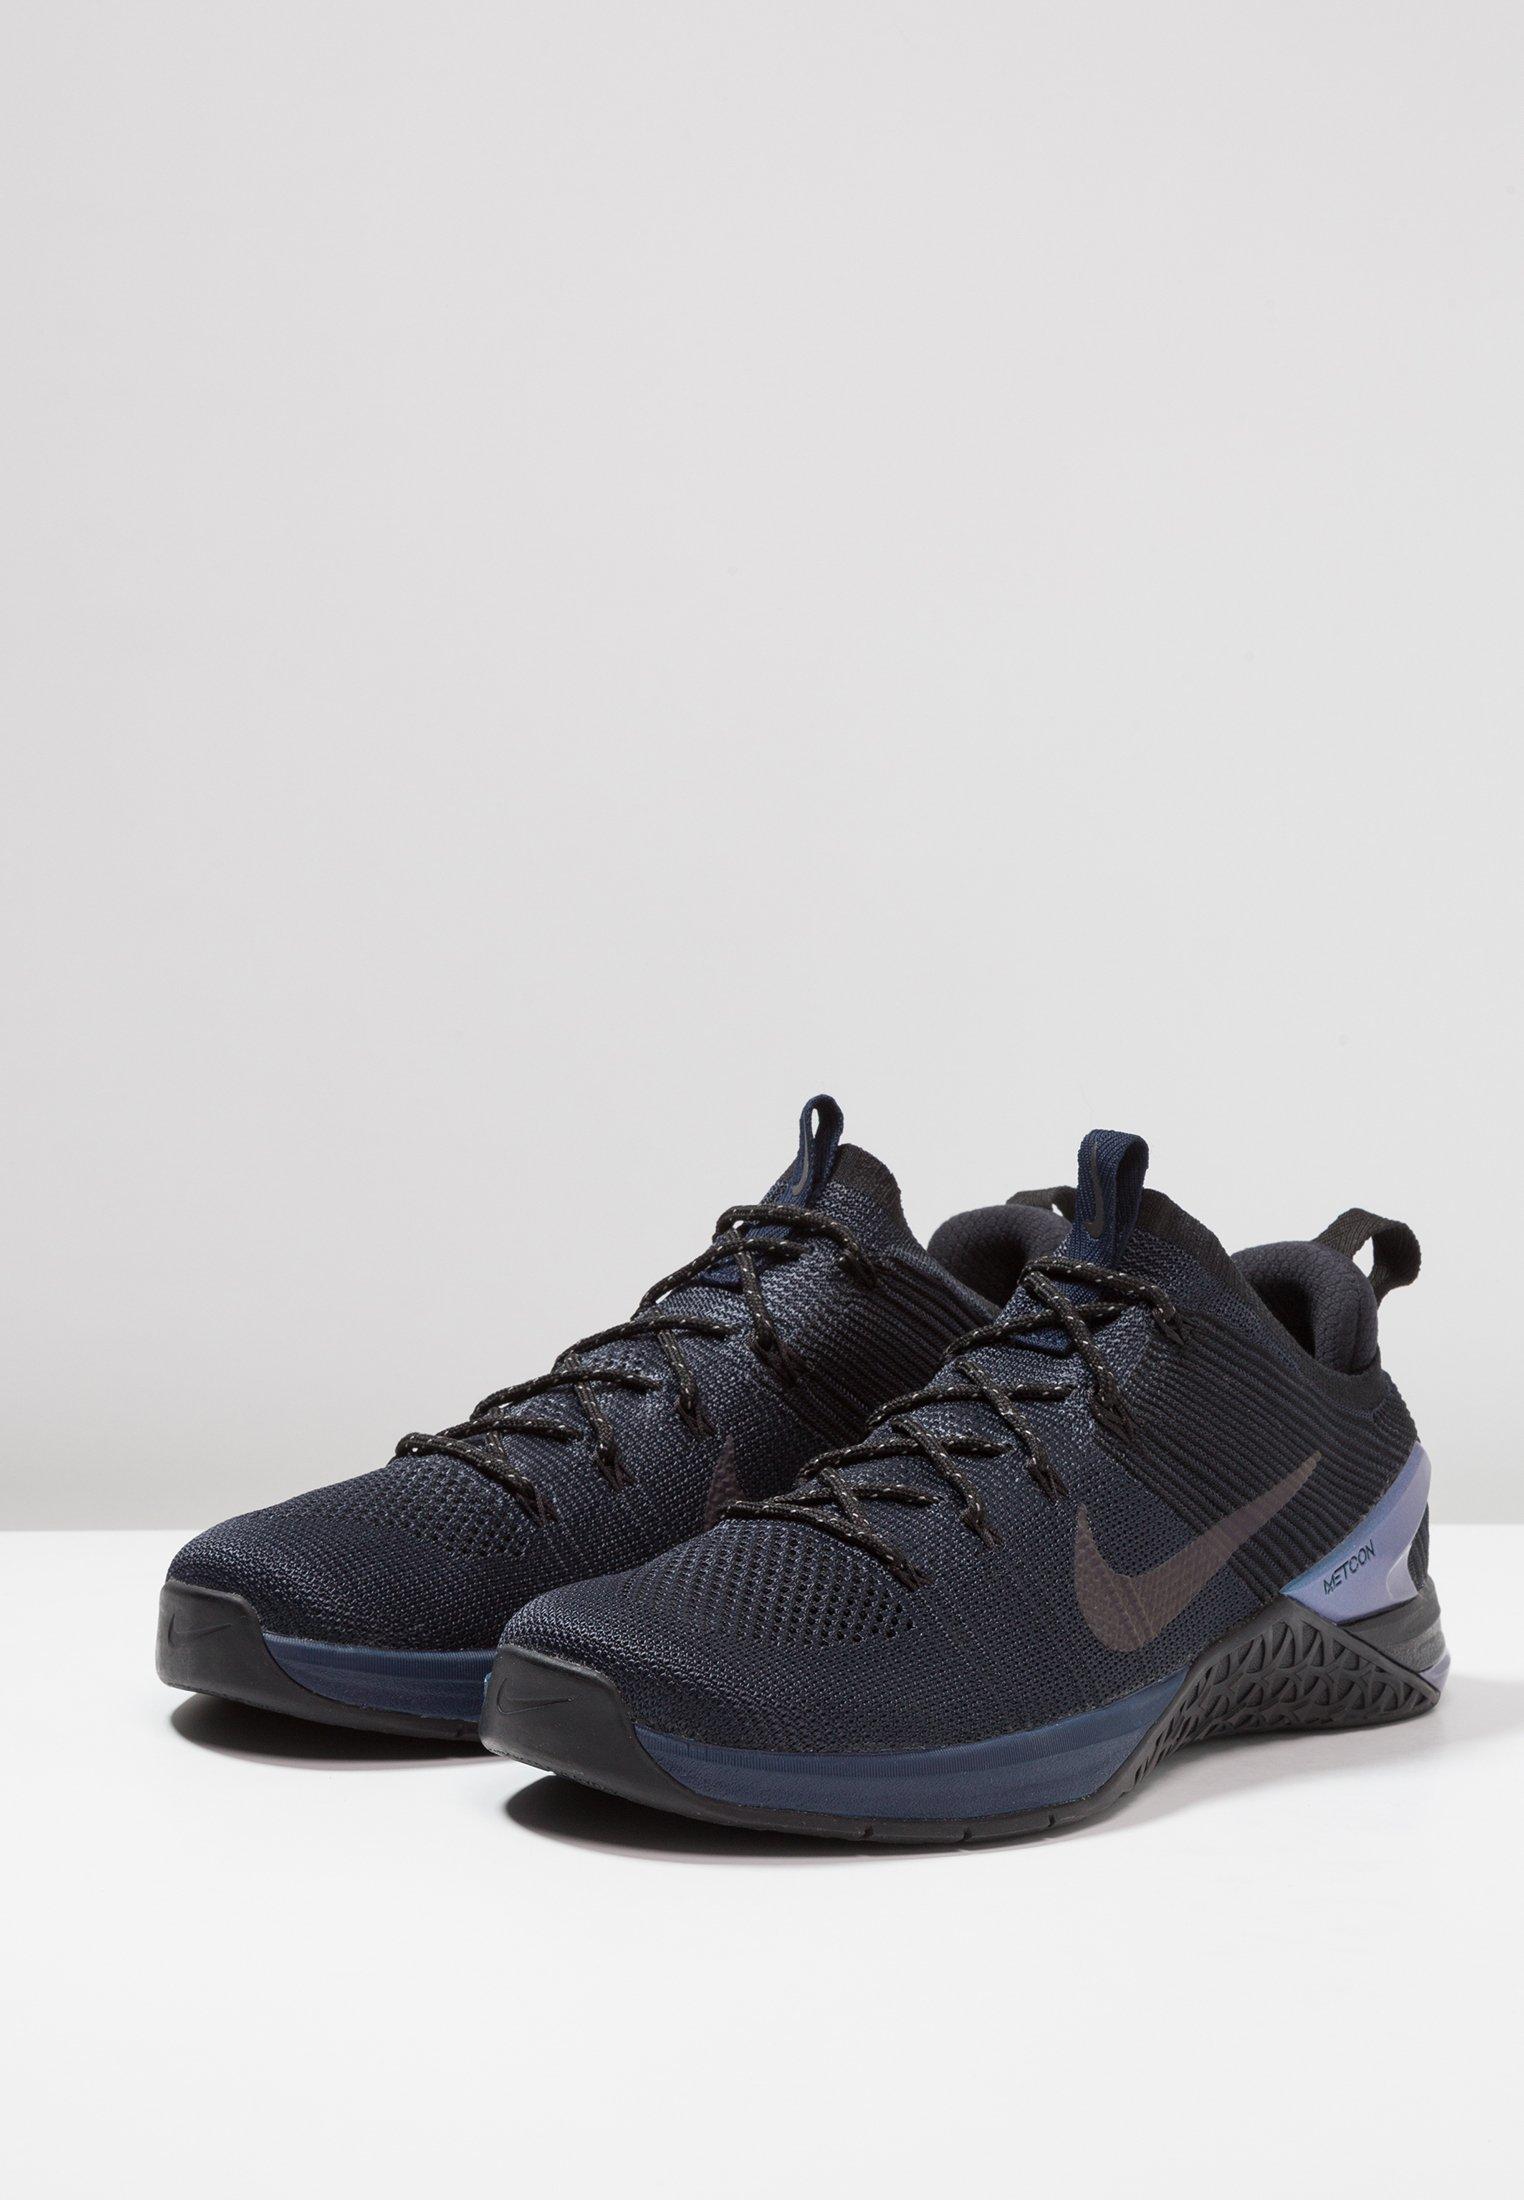 Dsx D'entraînement 2 Navy De College Metcon Nike AmpChaussures Performance Fitness black Flyknit Et dtCrsQh